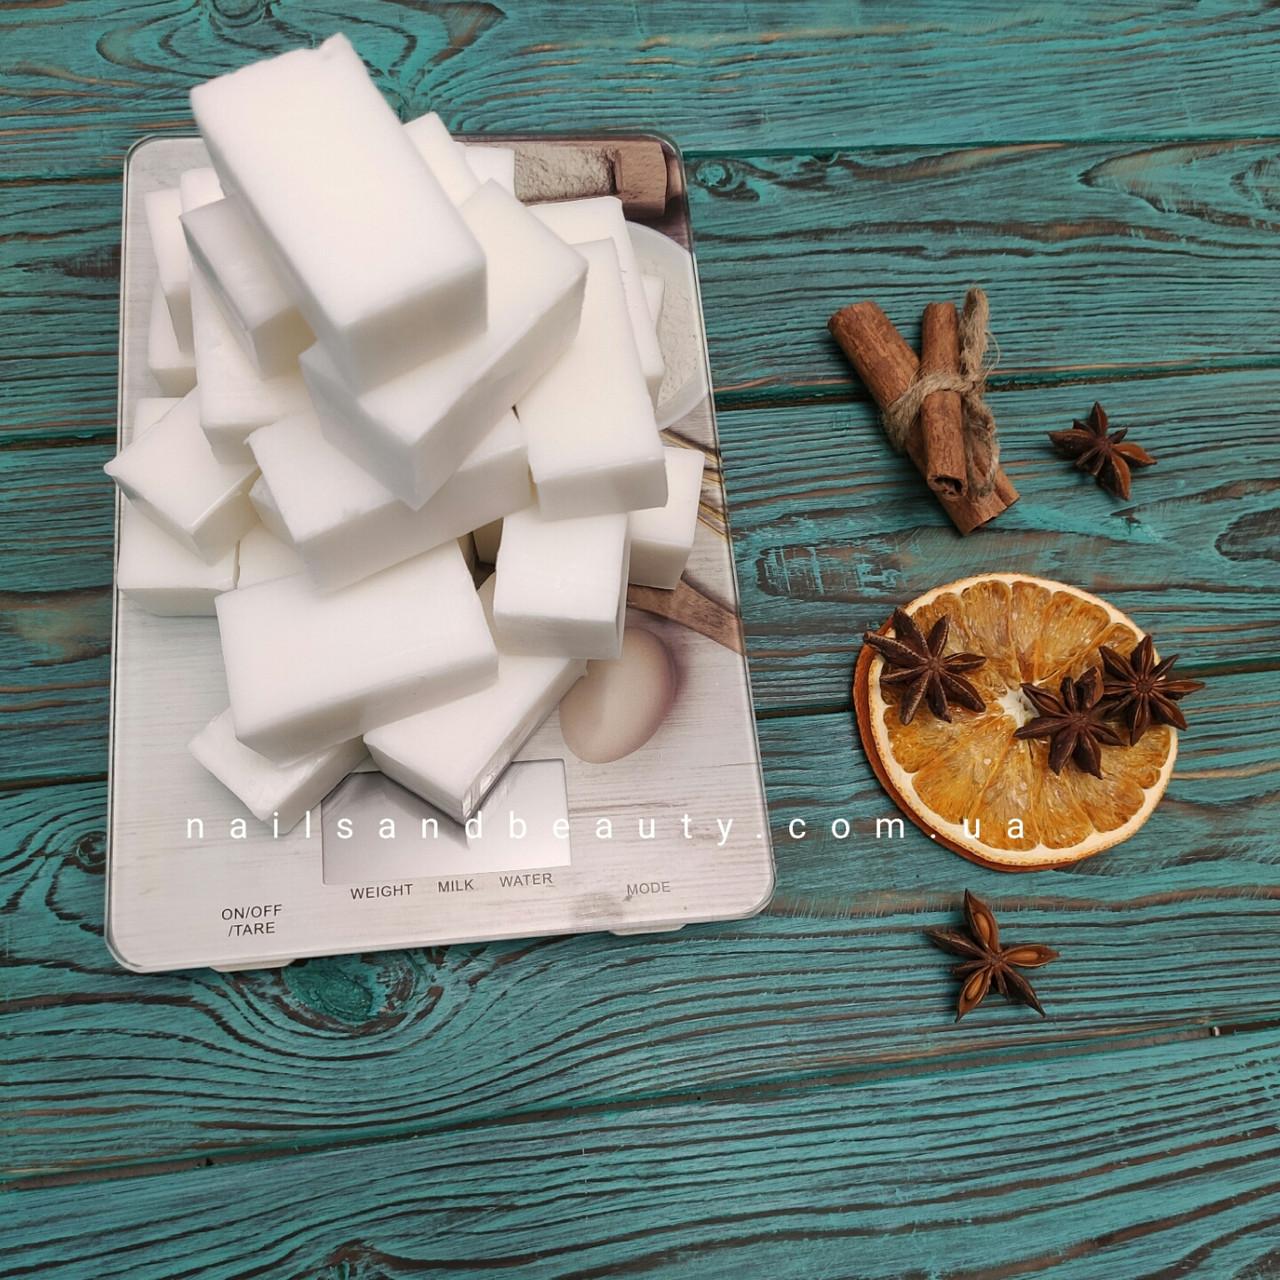 Мильна основа Neri White Base Преміум біла 0.5 кг, 1кг, 6кг, 12кг